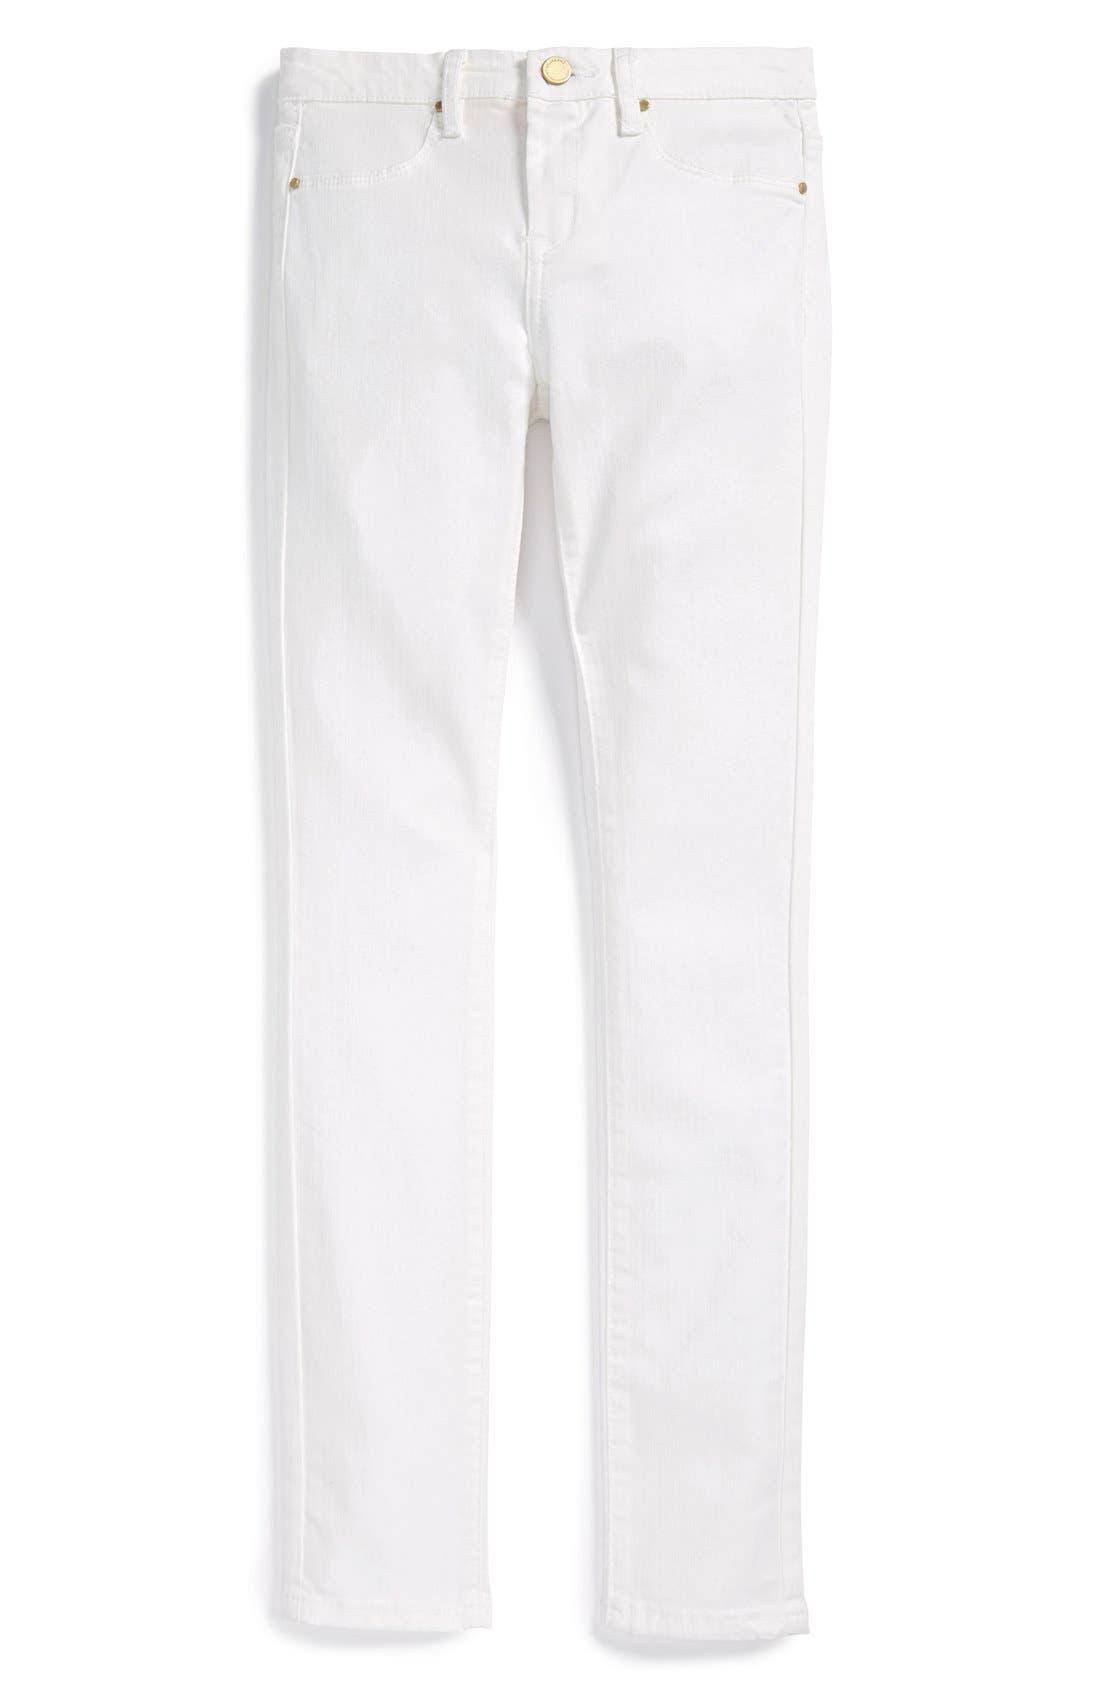 White Pants For Girls ViKhCgNz